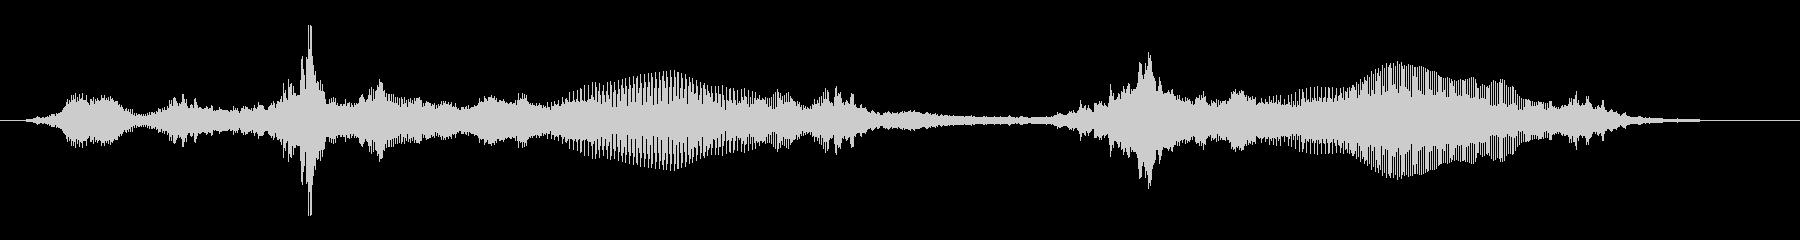 不穏(うおおおおん)低音のうなりの未再生の波形